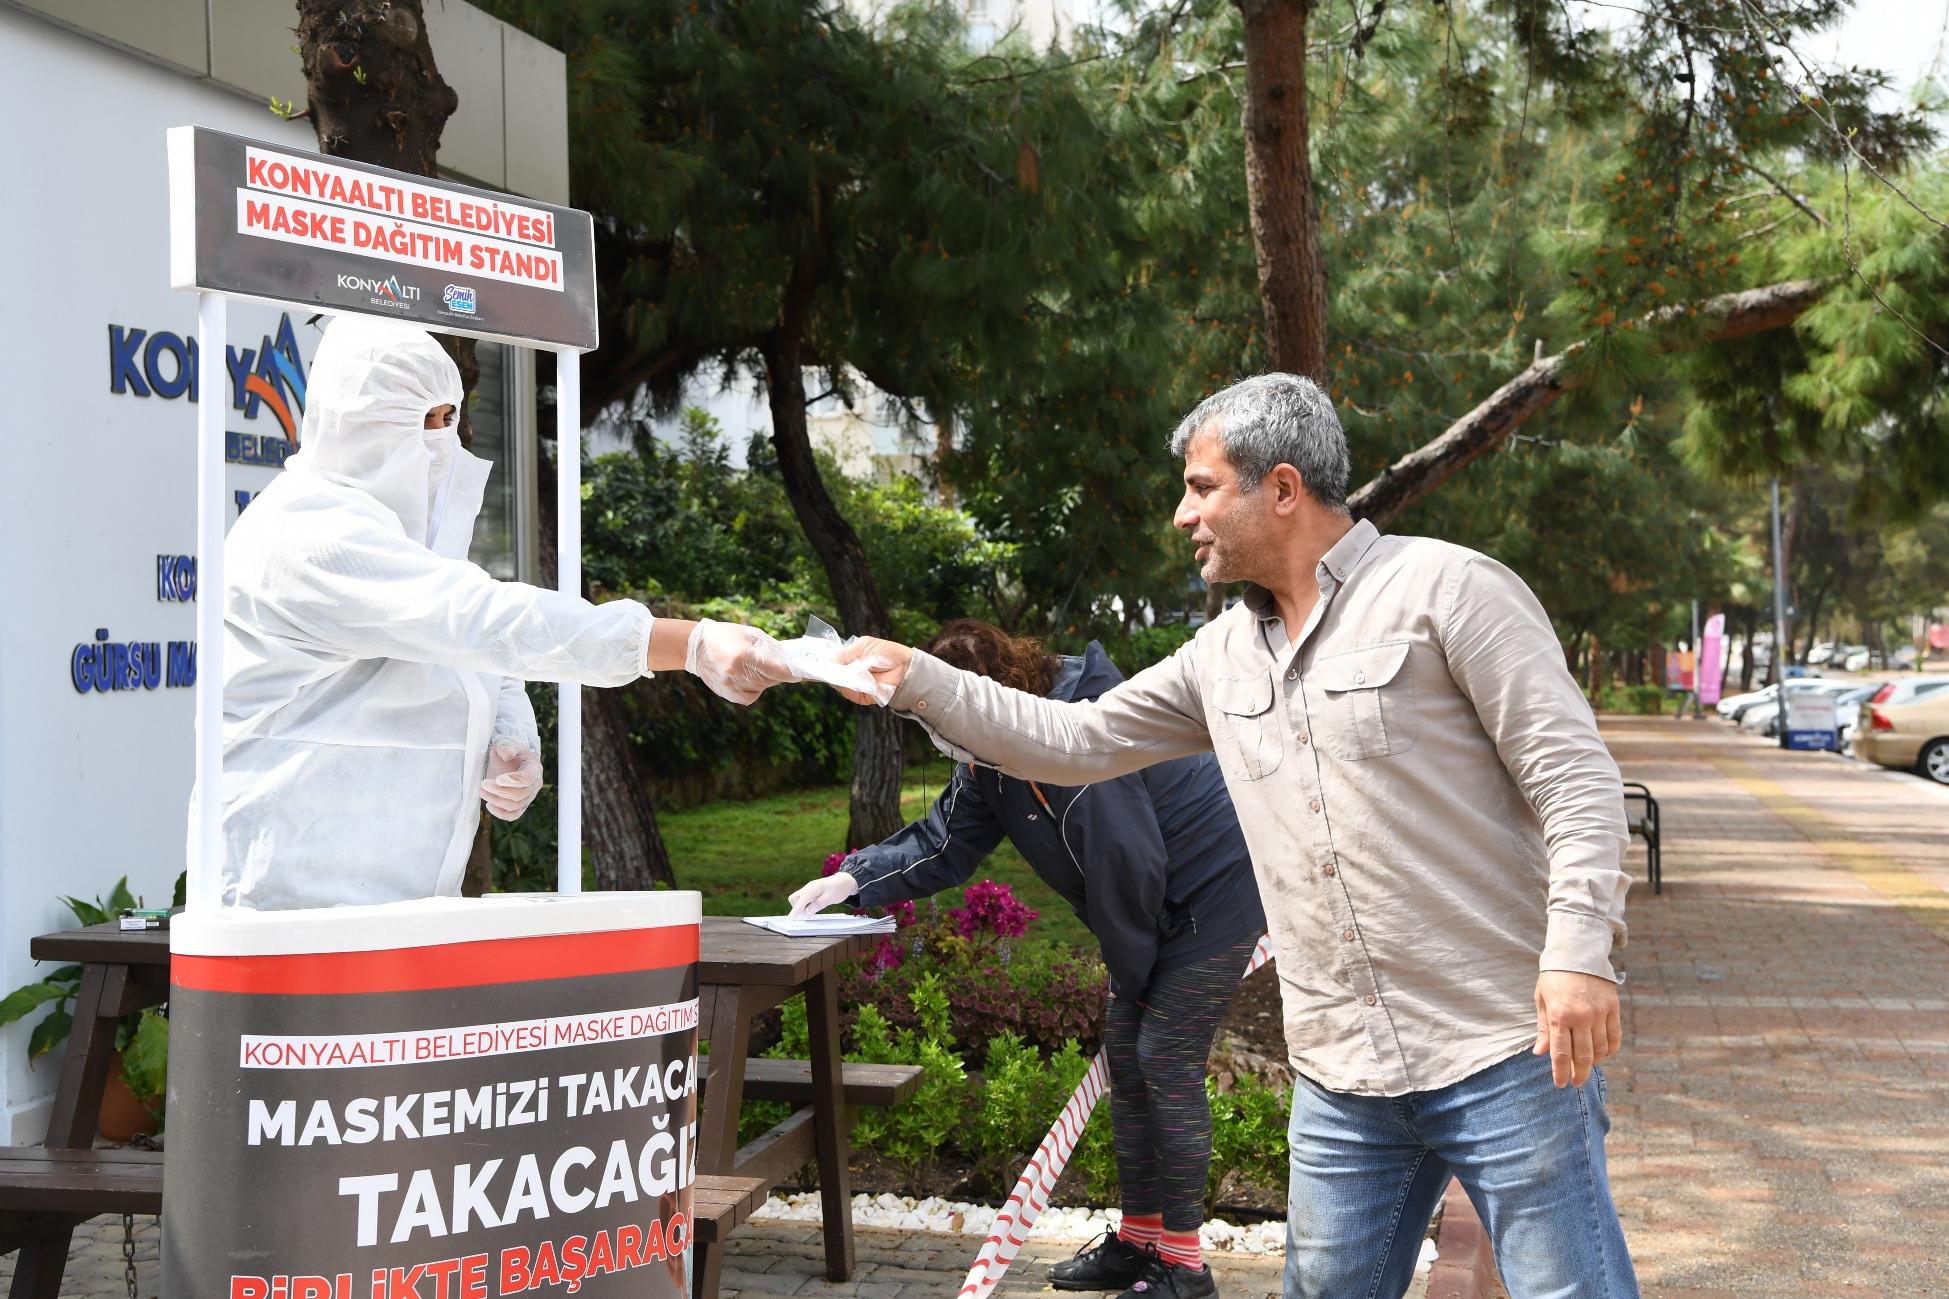 Konyaaltı Belediyesi, nüfusunun 5 katı maskeyi halka ulaştırdı